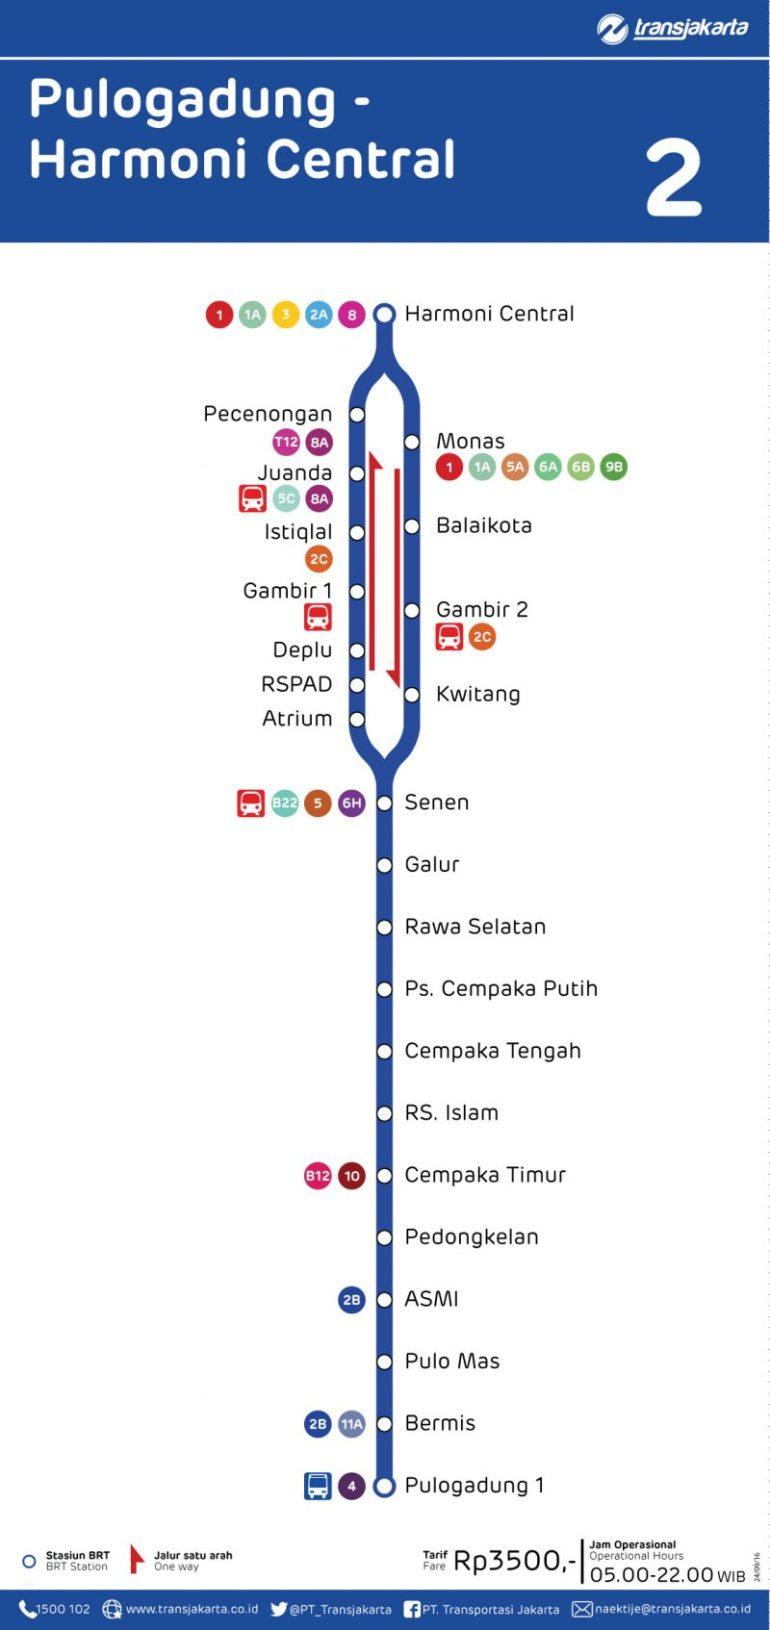 Koridor 2 Terminal Pulogadung sampai Stasiun BRT Harmoni Central Busway Pusat